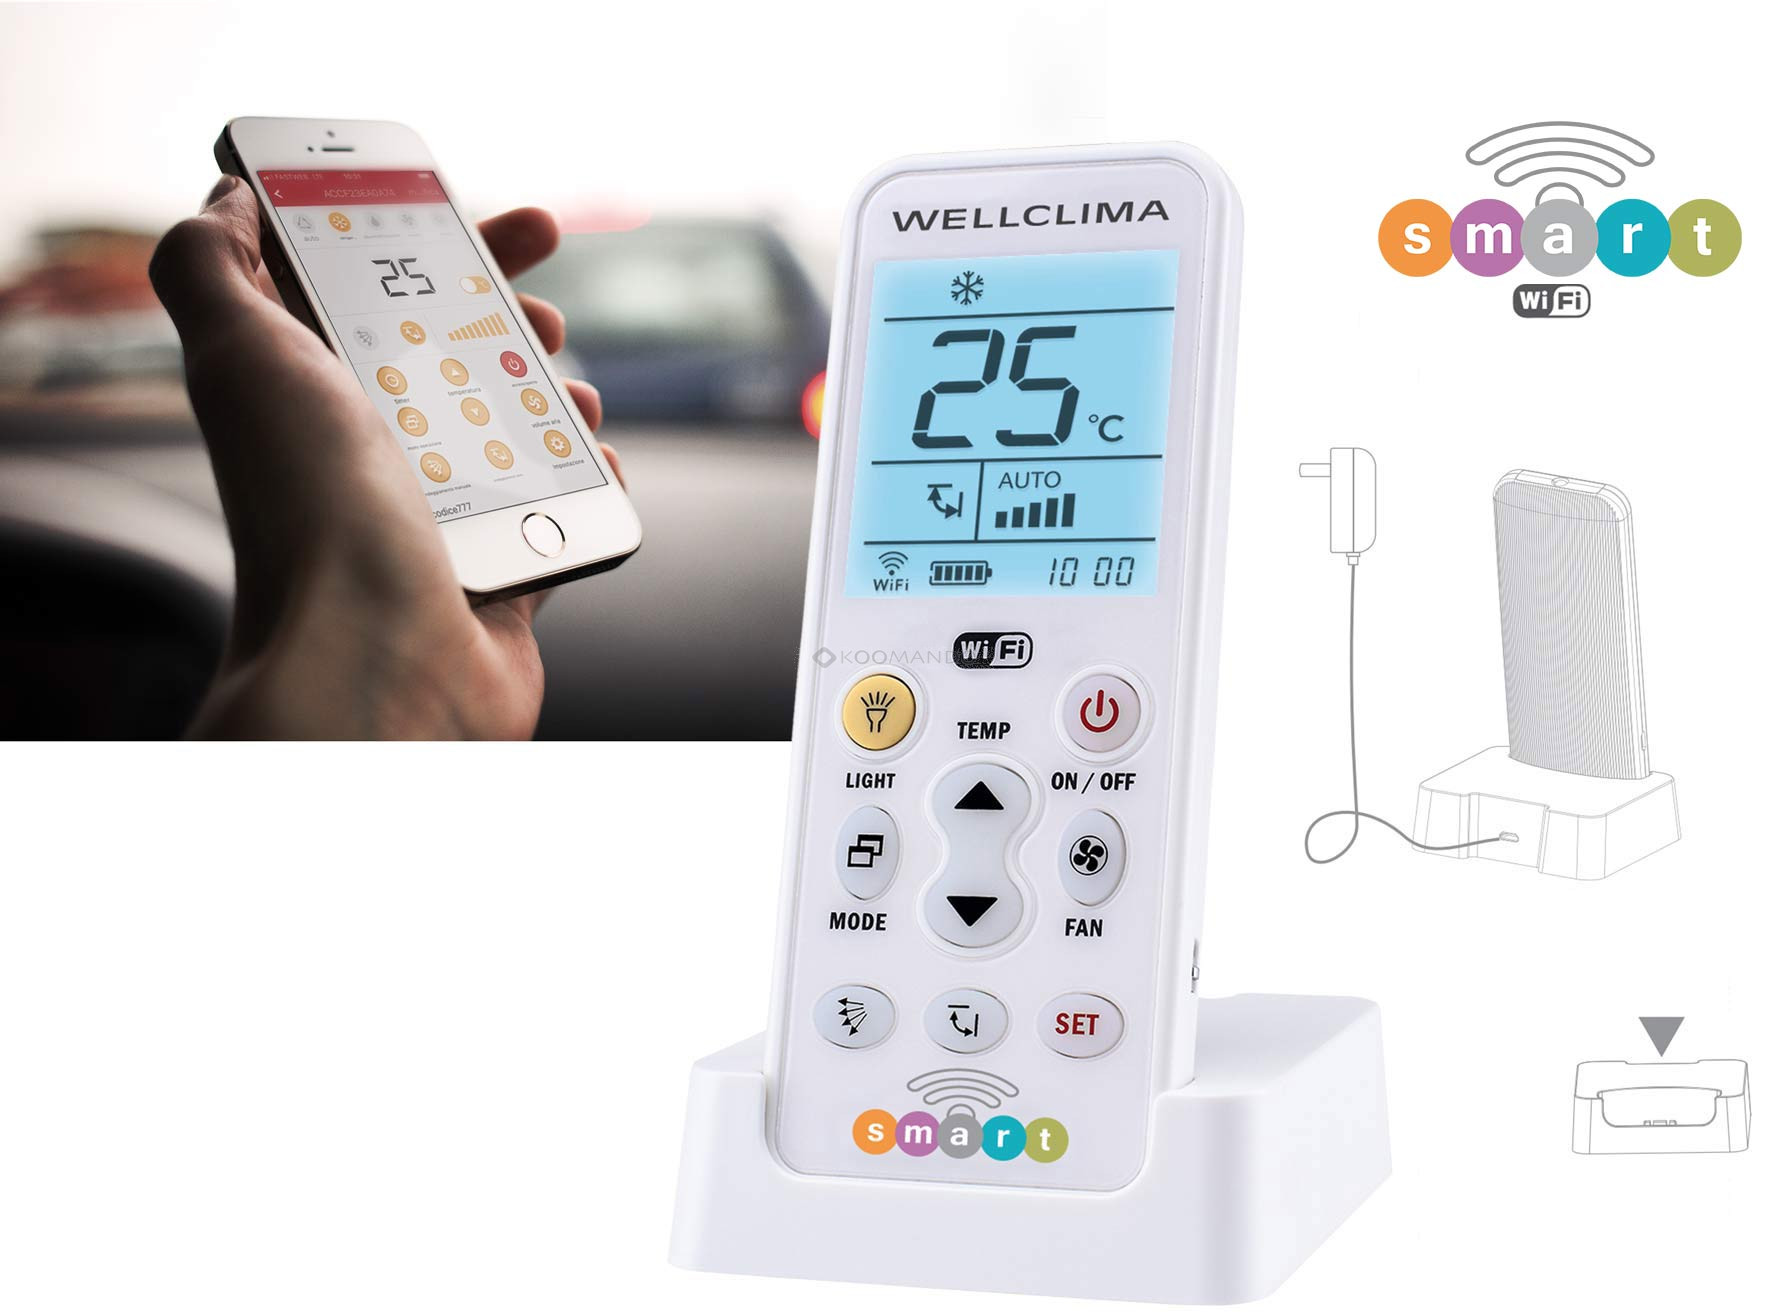 Telecomando universale condizionatore Wellclima Smart Wi-Fi gestibile da smartphone.